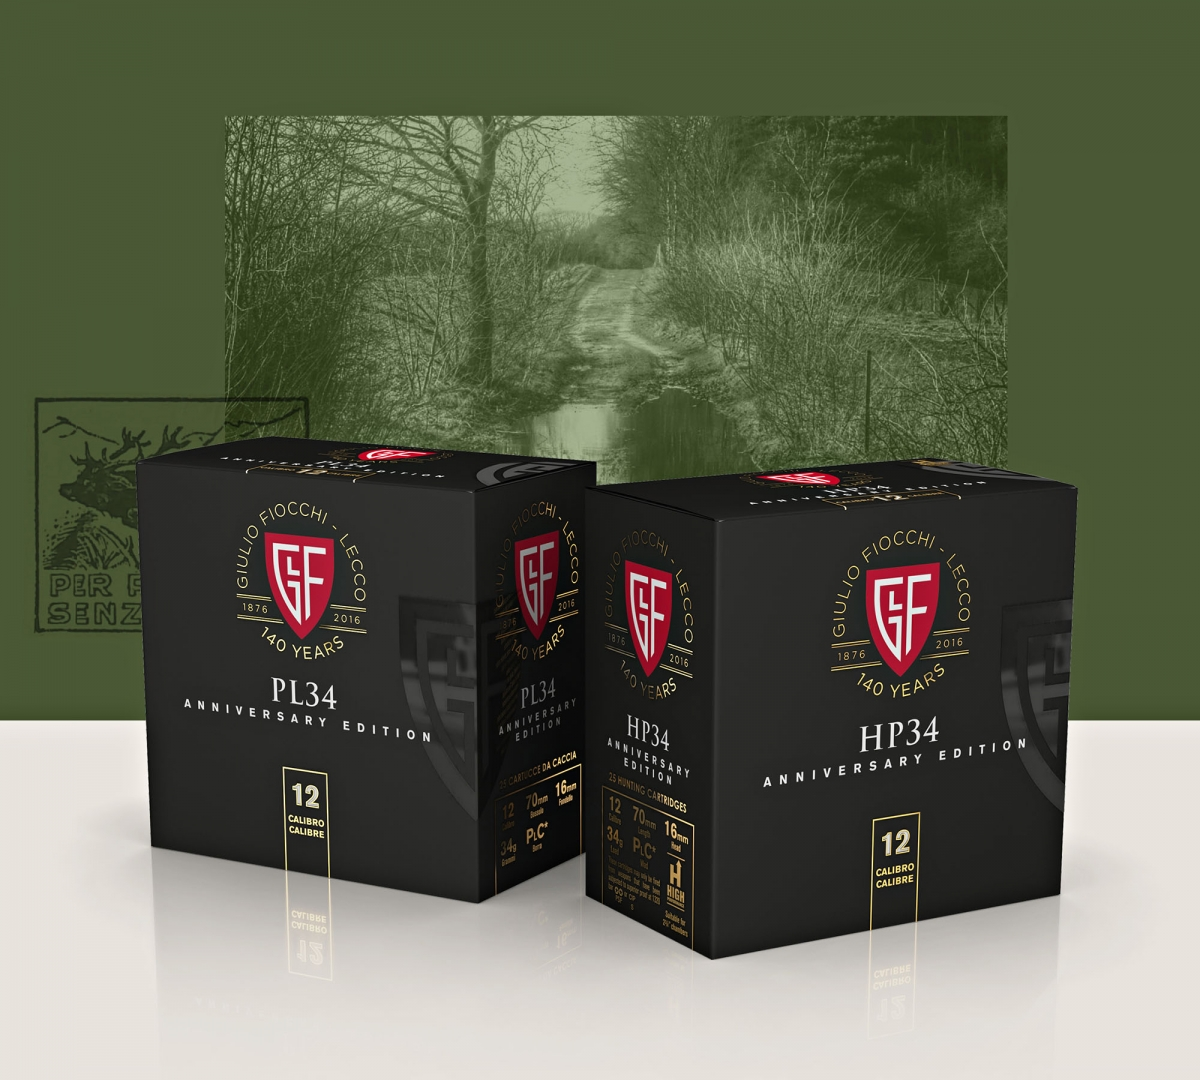 Cartucce Fiocchi PL28 e HP34 in confezione speciale per l'edizione del 140mo Anniversario